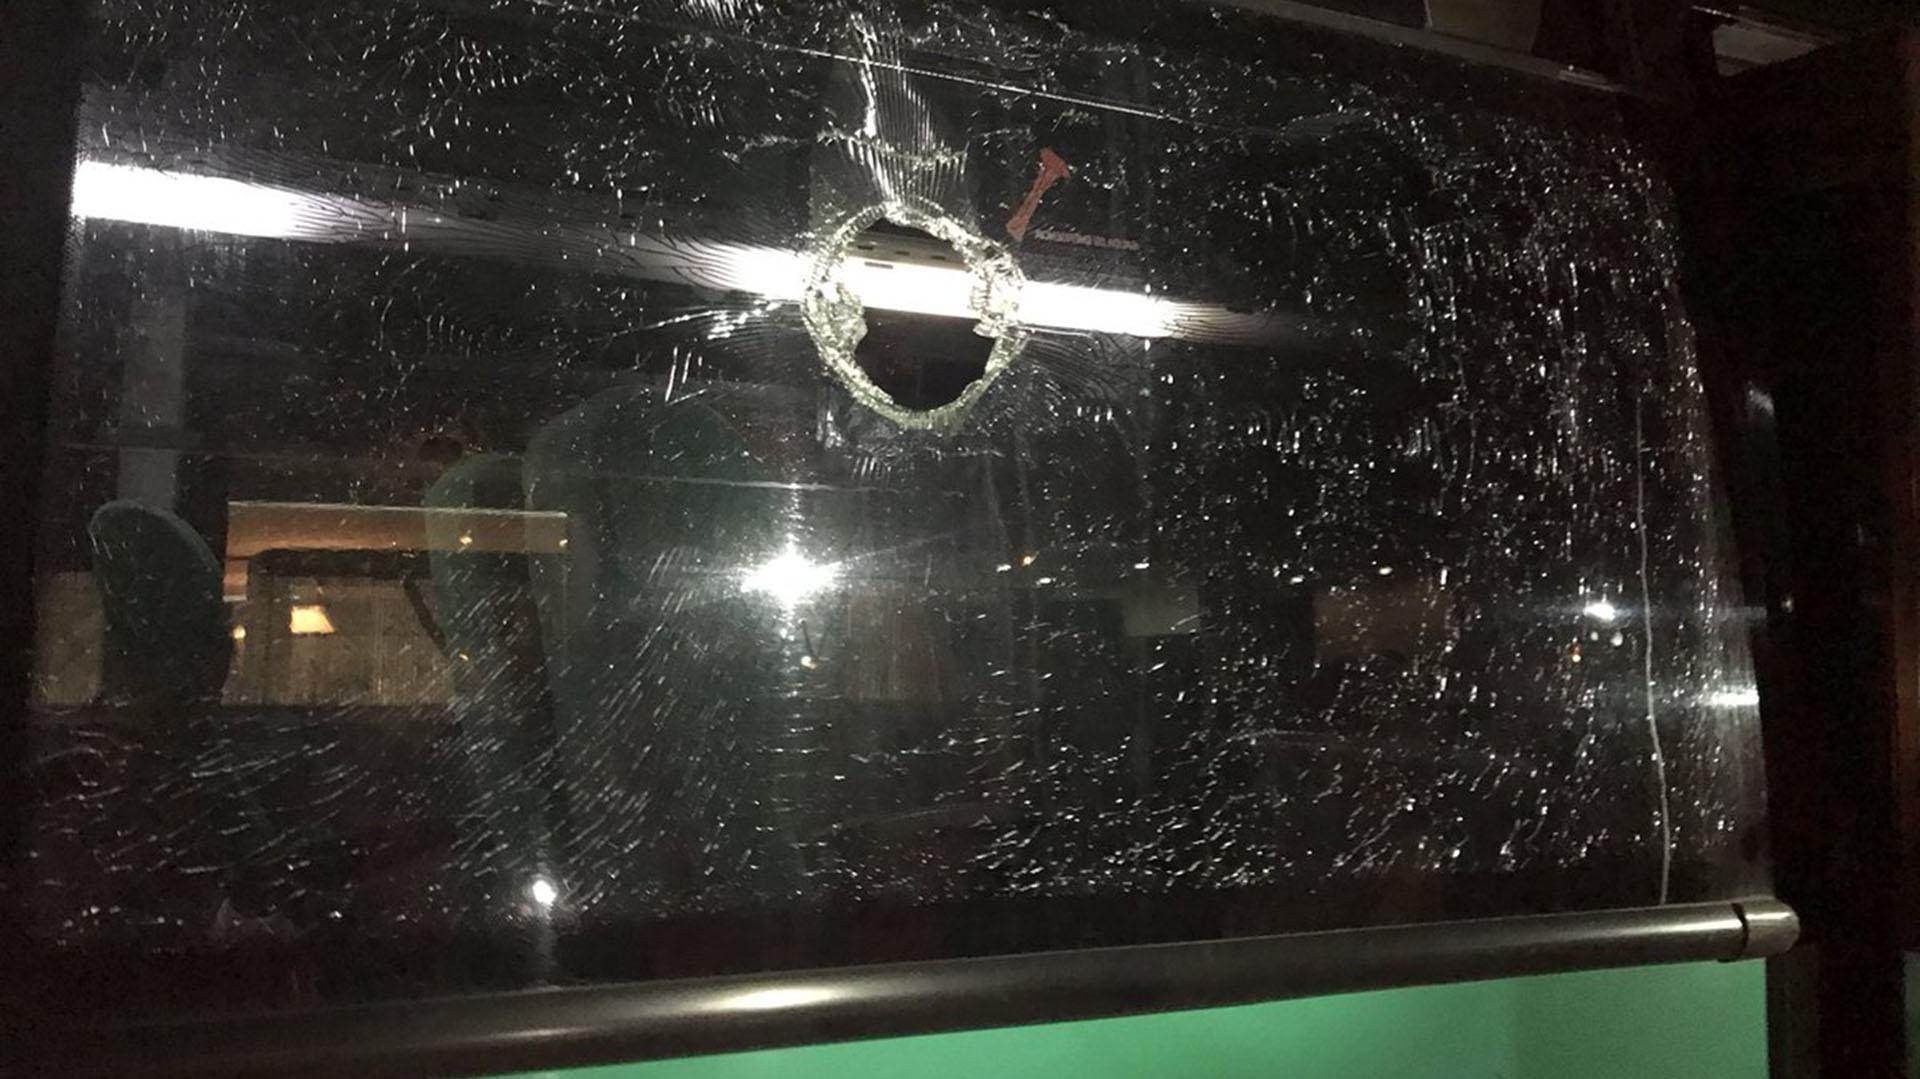 El vidrio por el que entró la bala en el ómnibus quedó astillado (@mluna91)